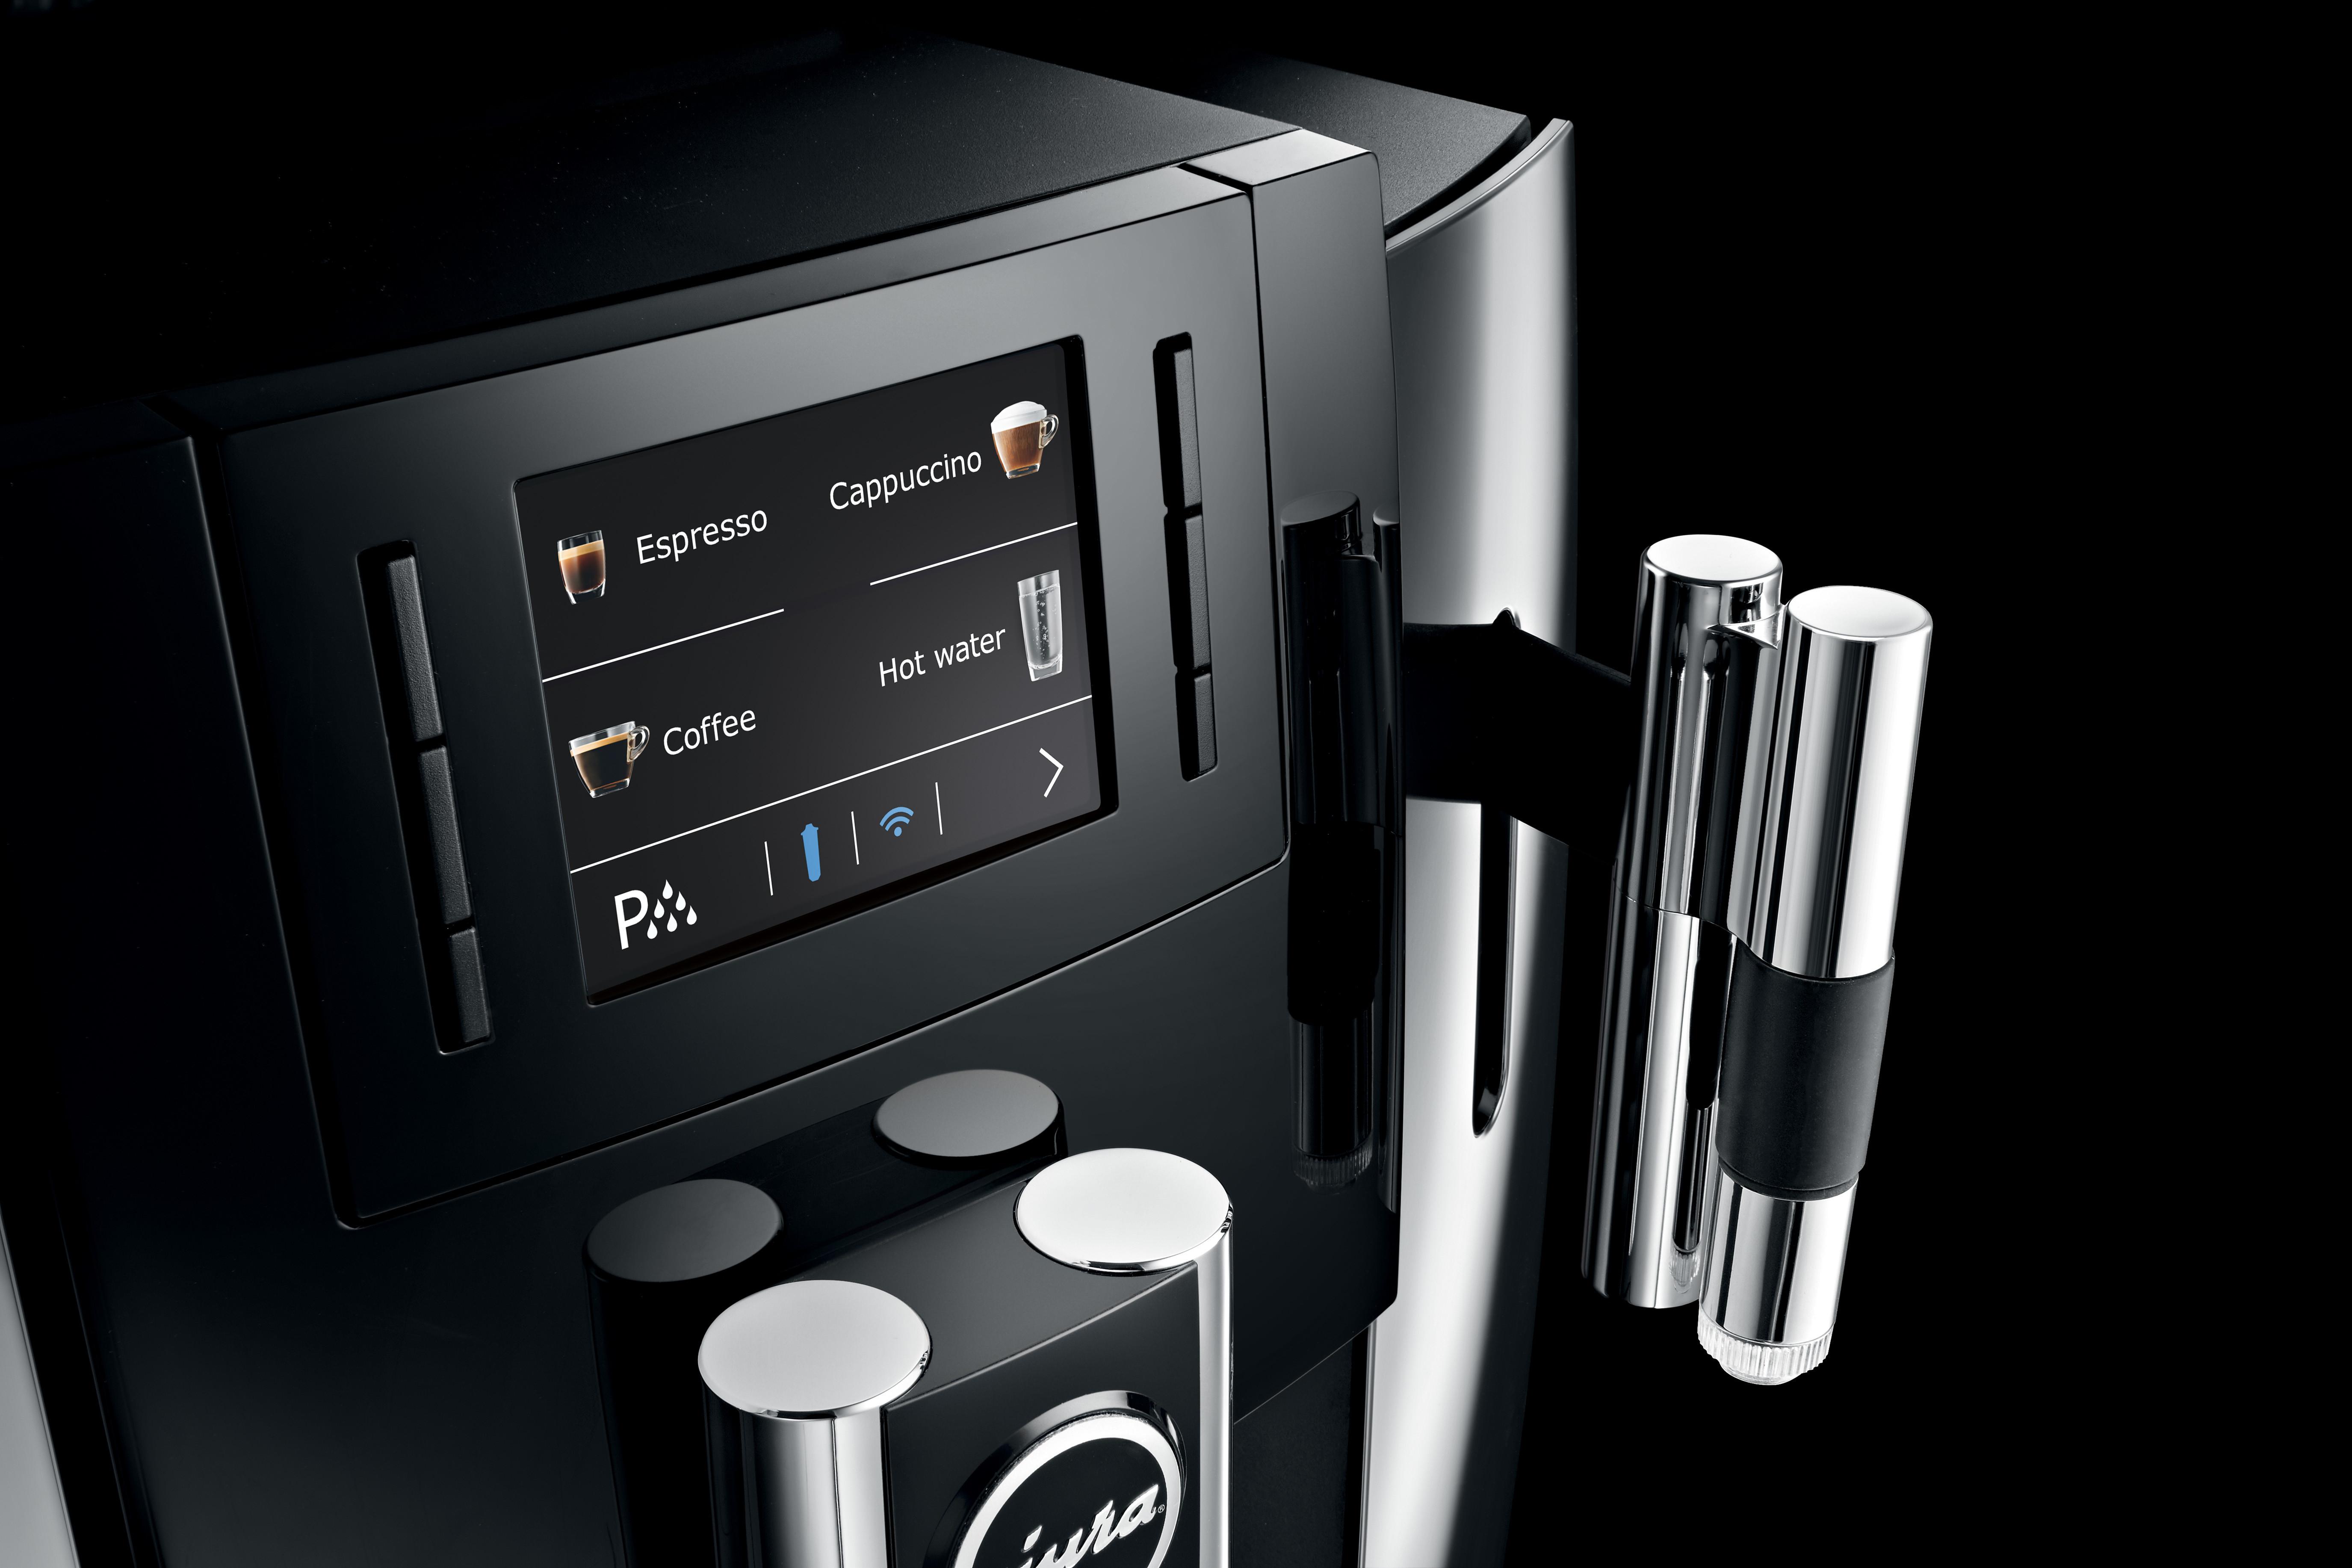 Zakelijke koffiemachine met eenvoudig te bedienen kleurenscherm